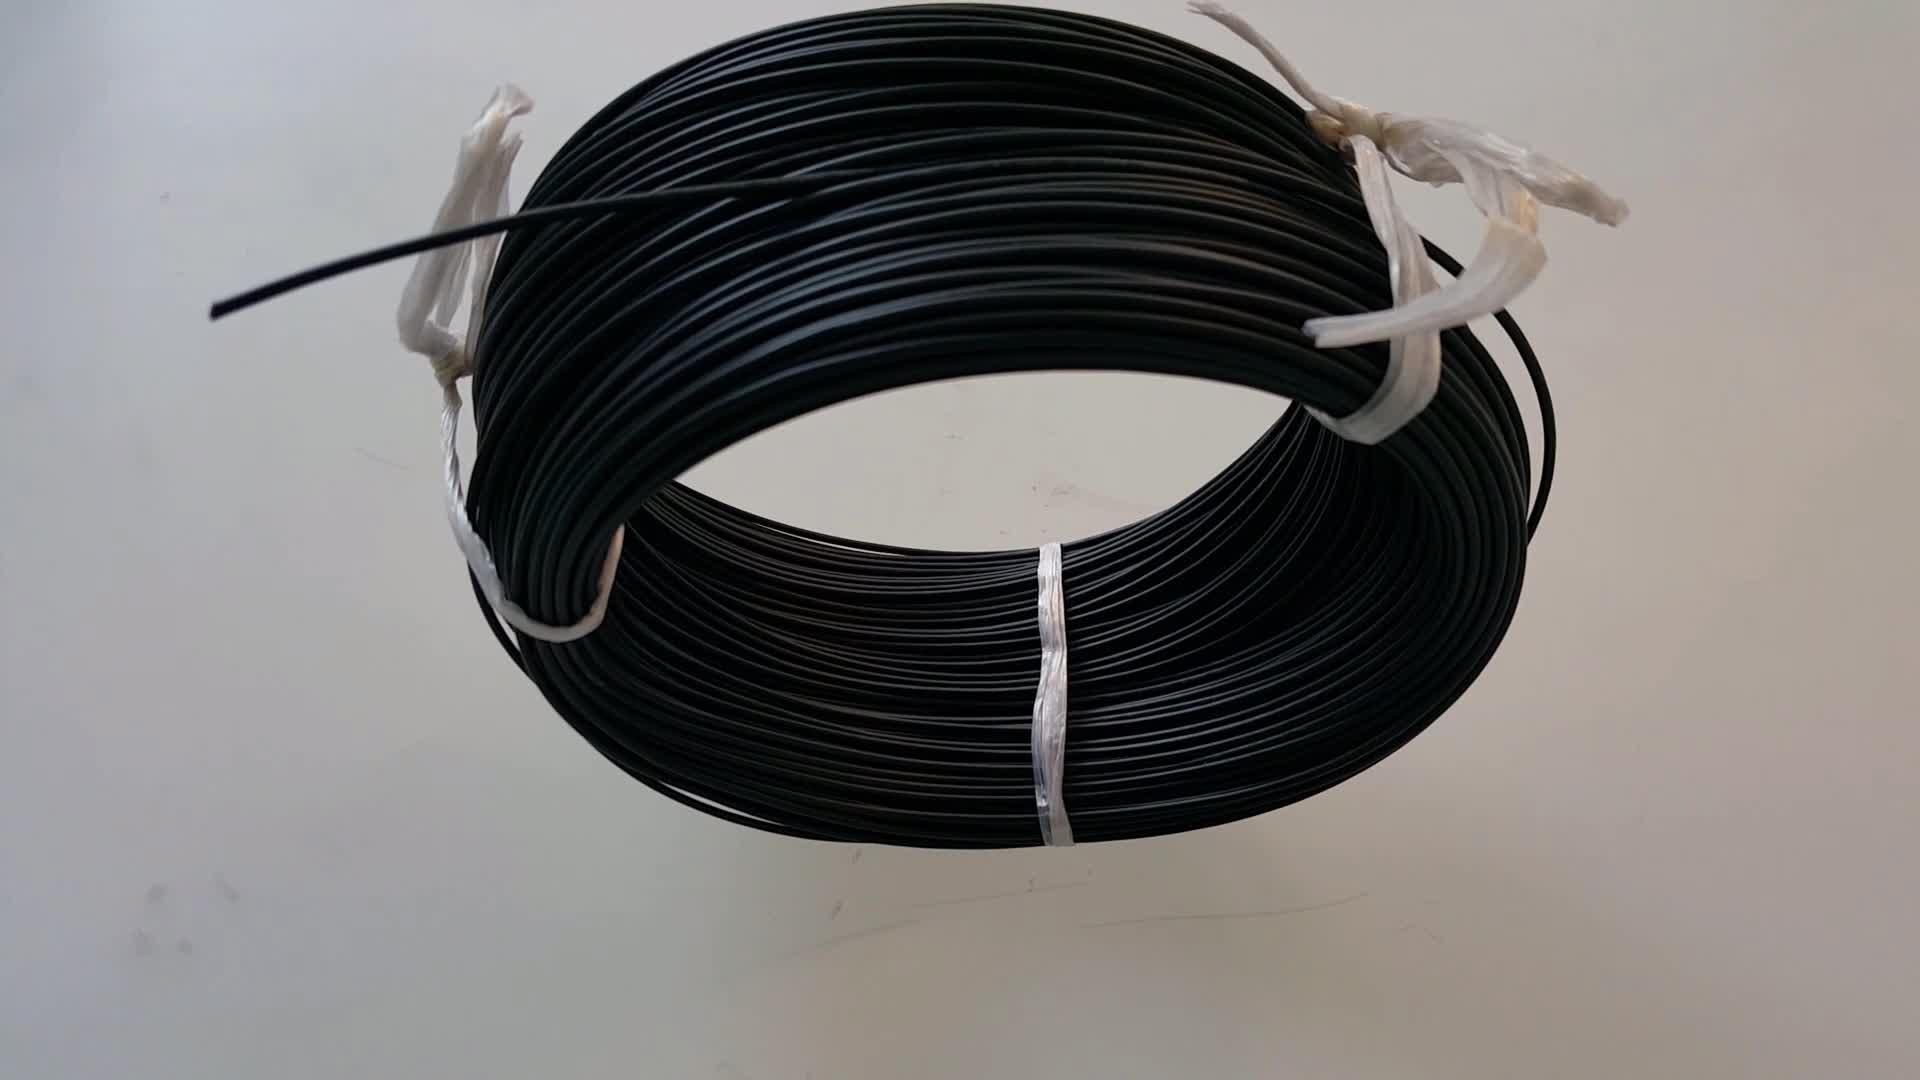 wire diagram for auto crane aex 0.5f copper conductor xlpe insulated automotive wire ... xlpe wire harness for auto